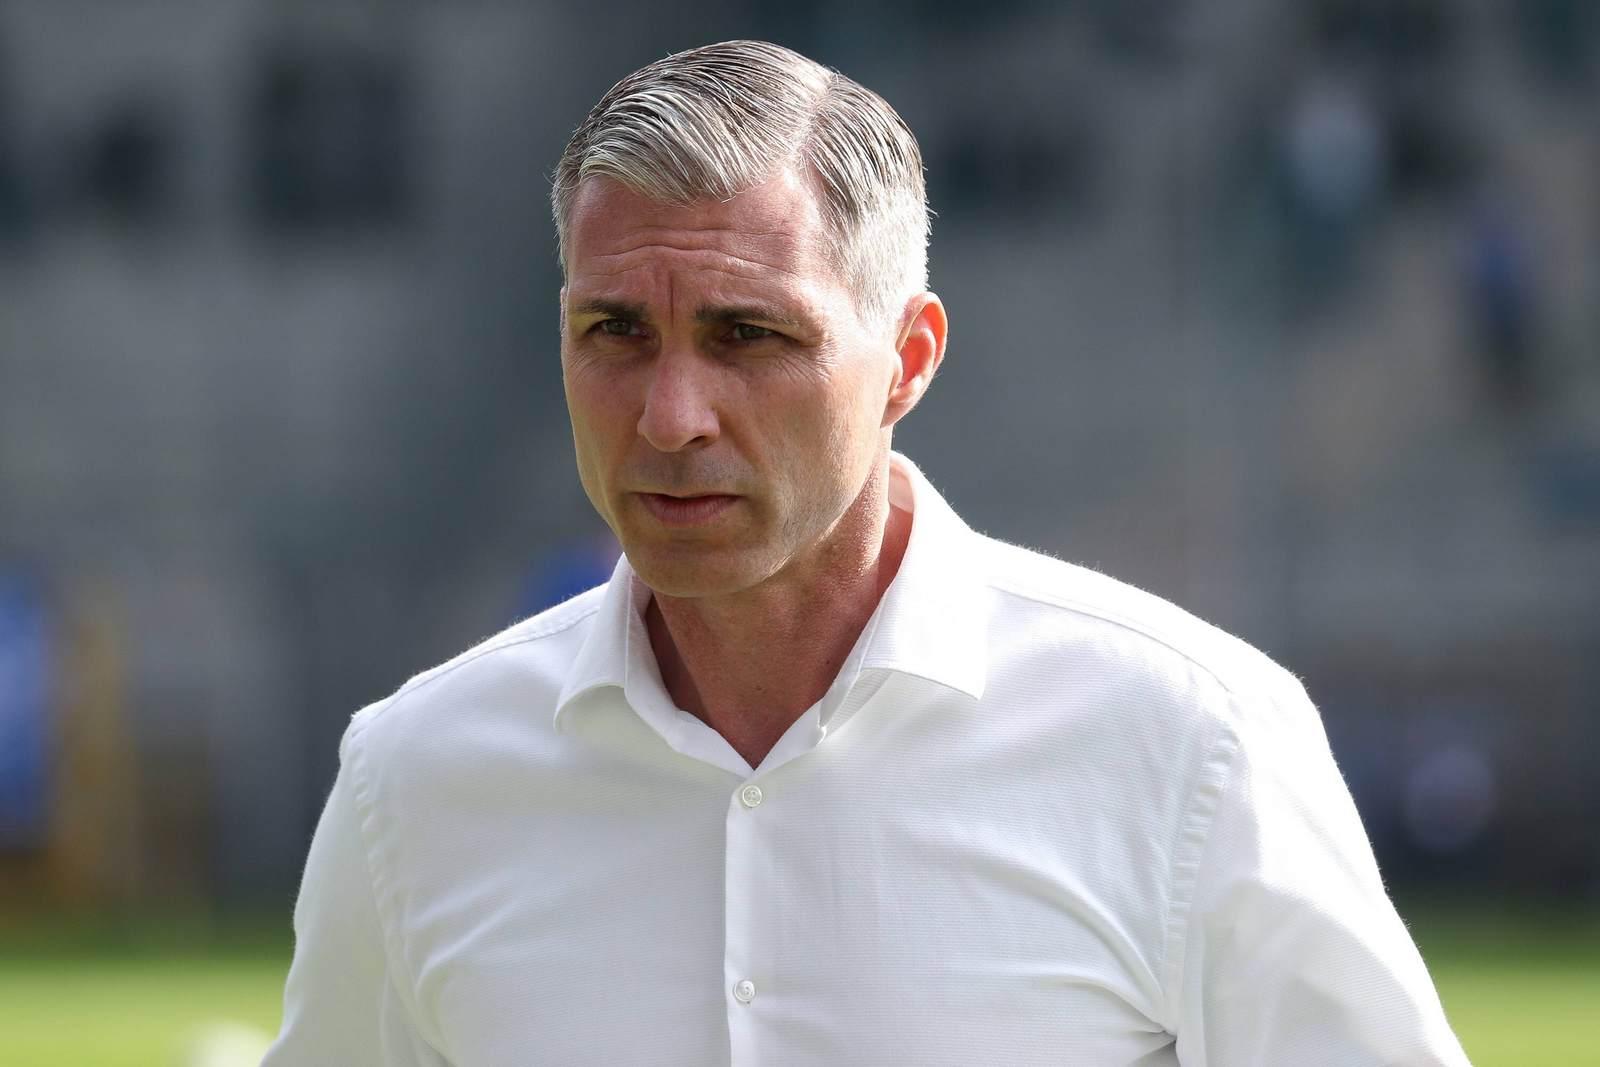 Jochen Kientz beim SV Waldhof Mannheim